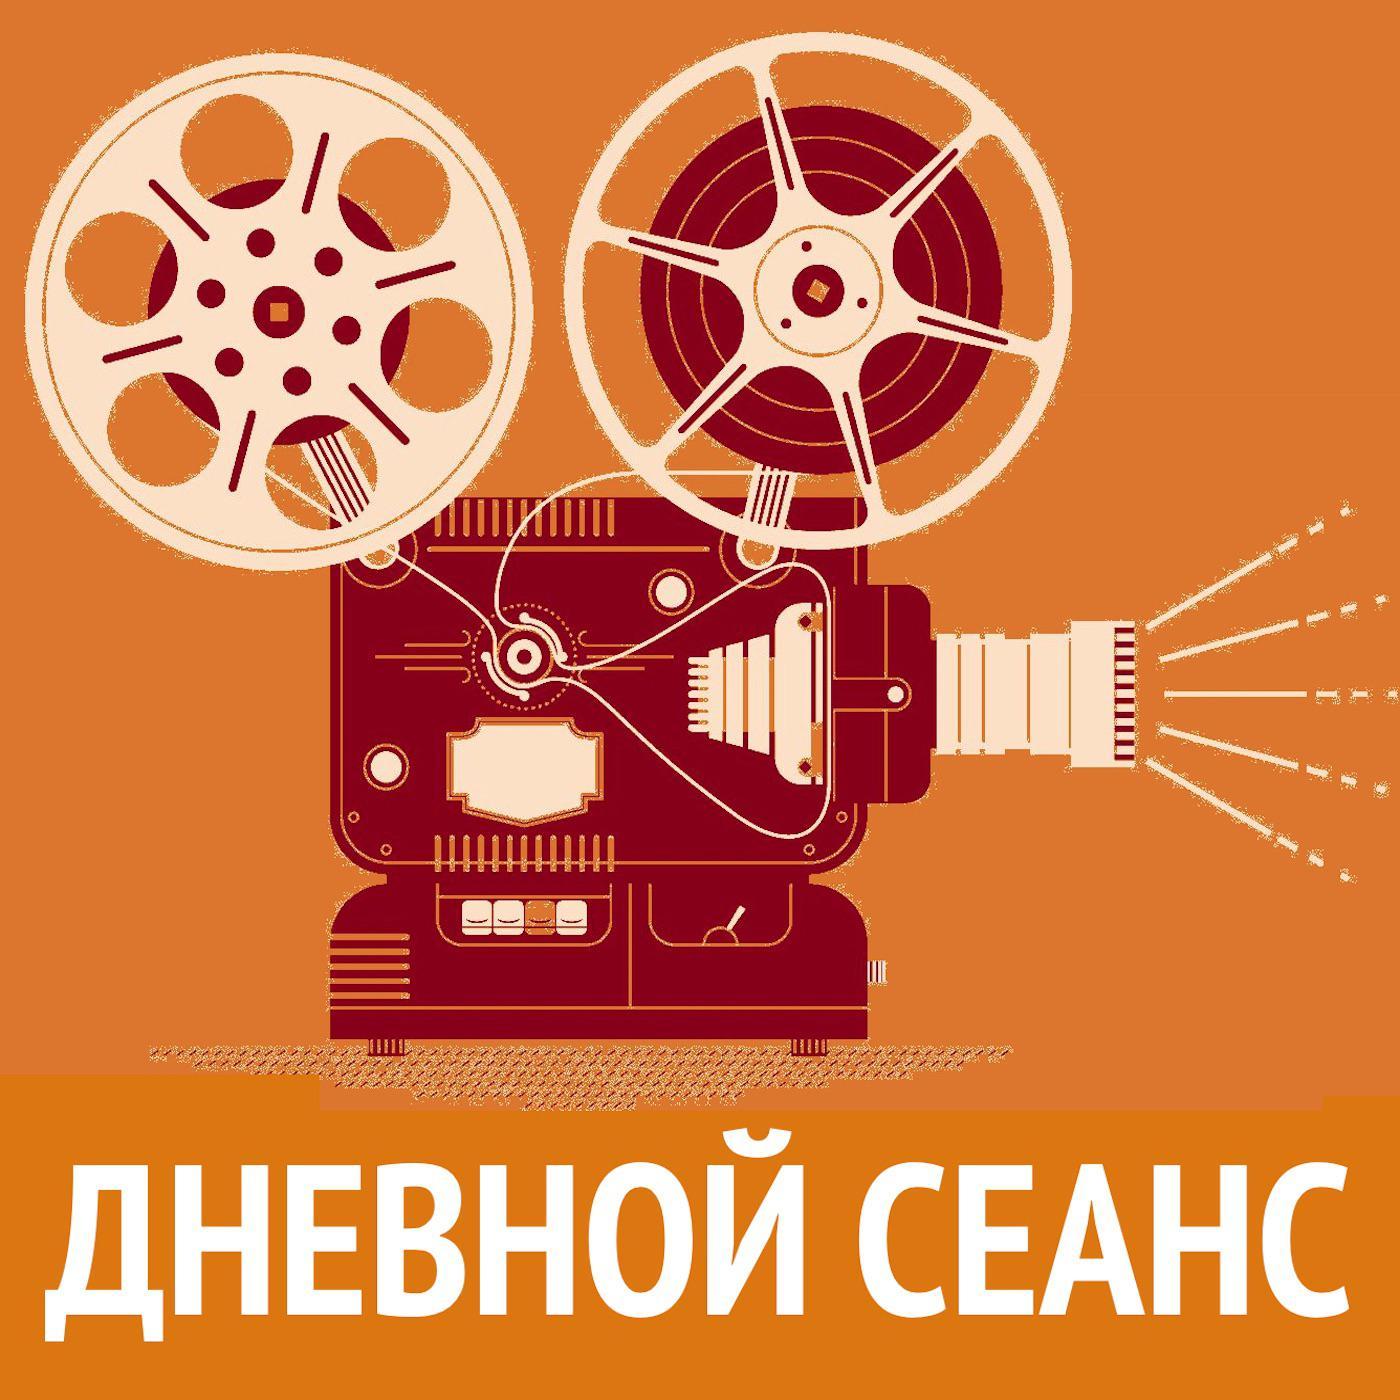 Илья Либман О Донатасе Банионисе и не только — Дневной сеанс сеанс guide российские фильмы 2007 года